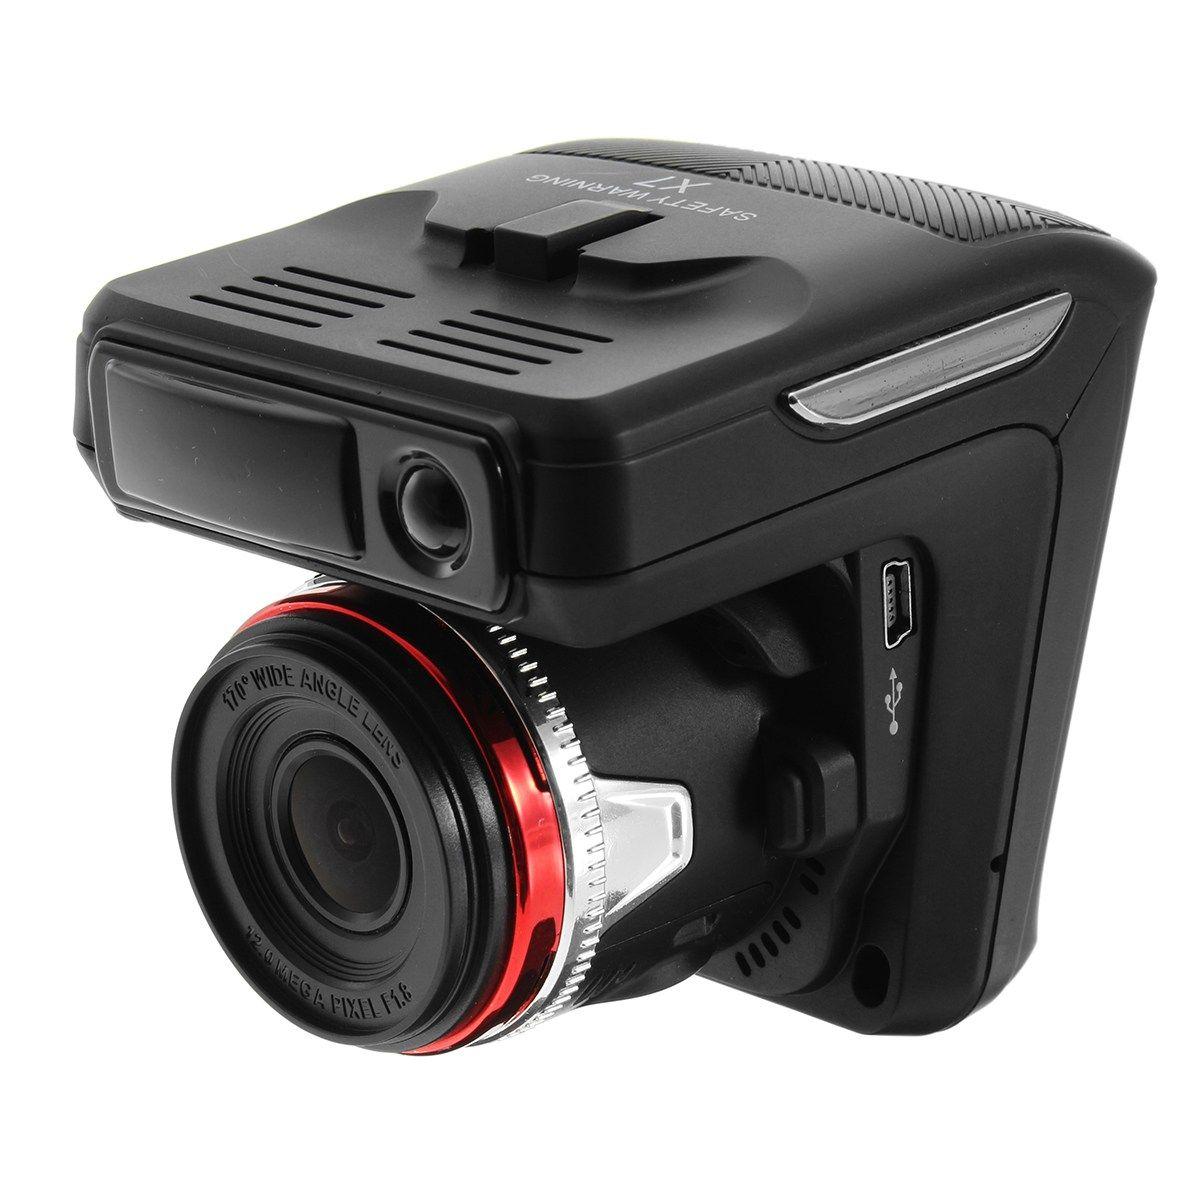 2.4'' Car DVR Camera Anti Radar Detector Laser HD 720P Built-in Alarm System Digital Video Recorder